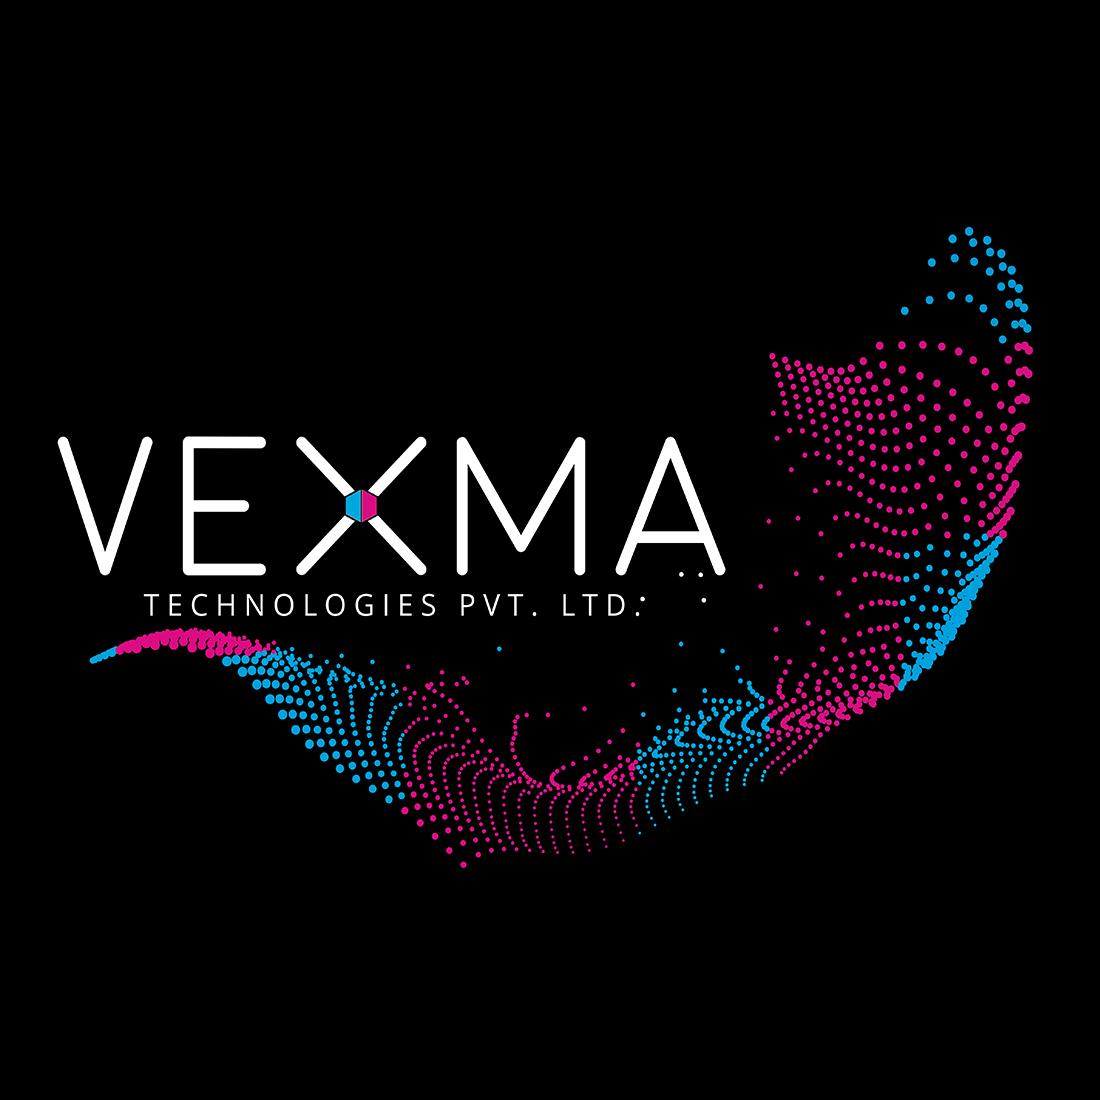 Vexma Technologies Pvt Ltd